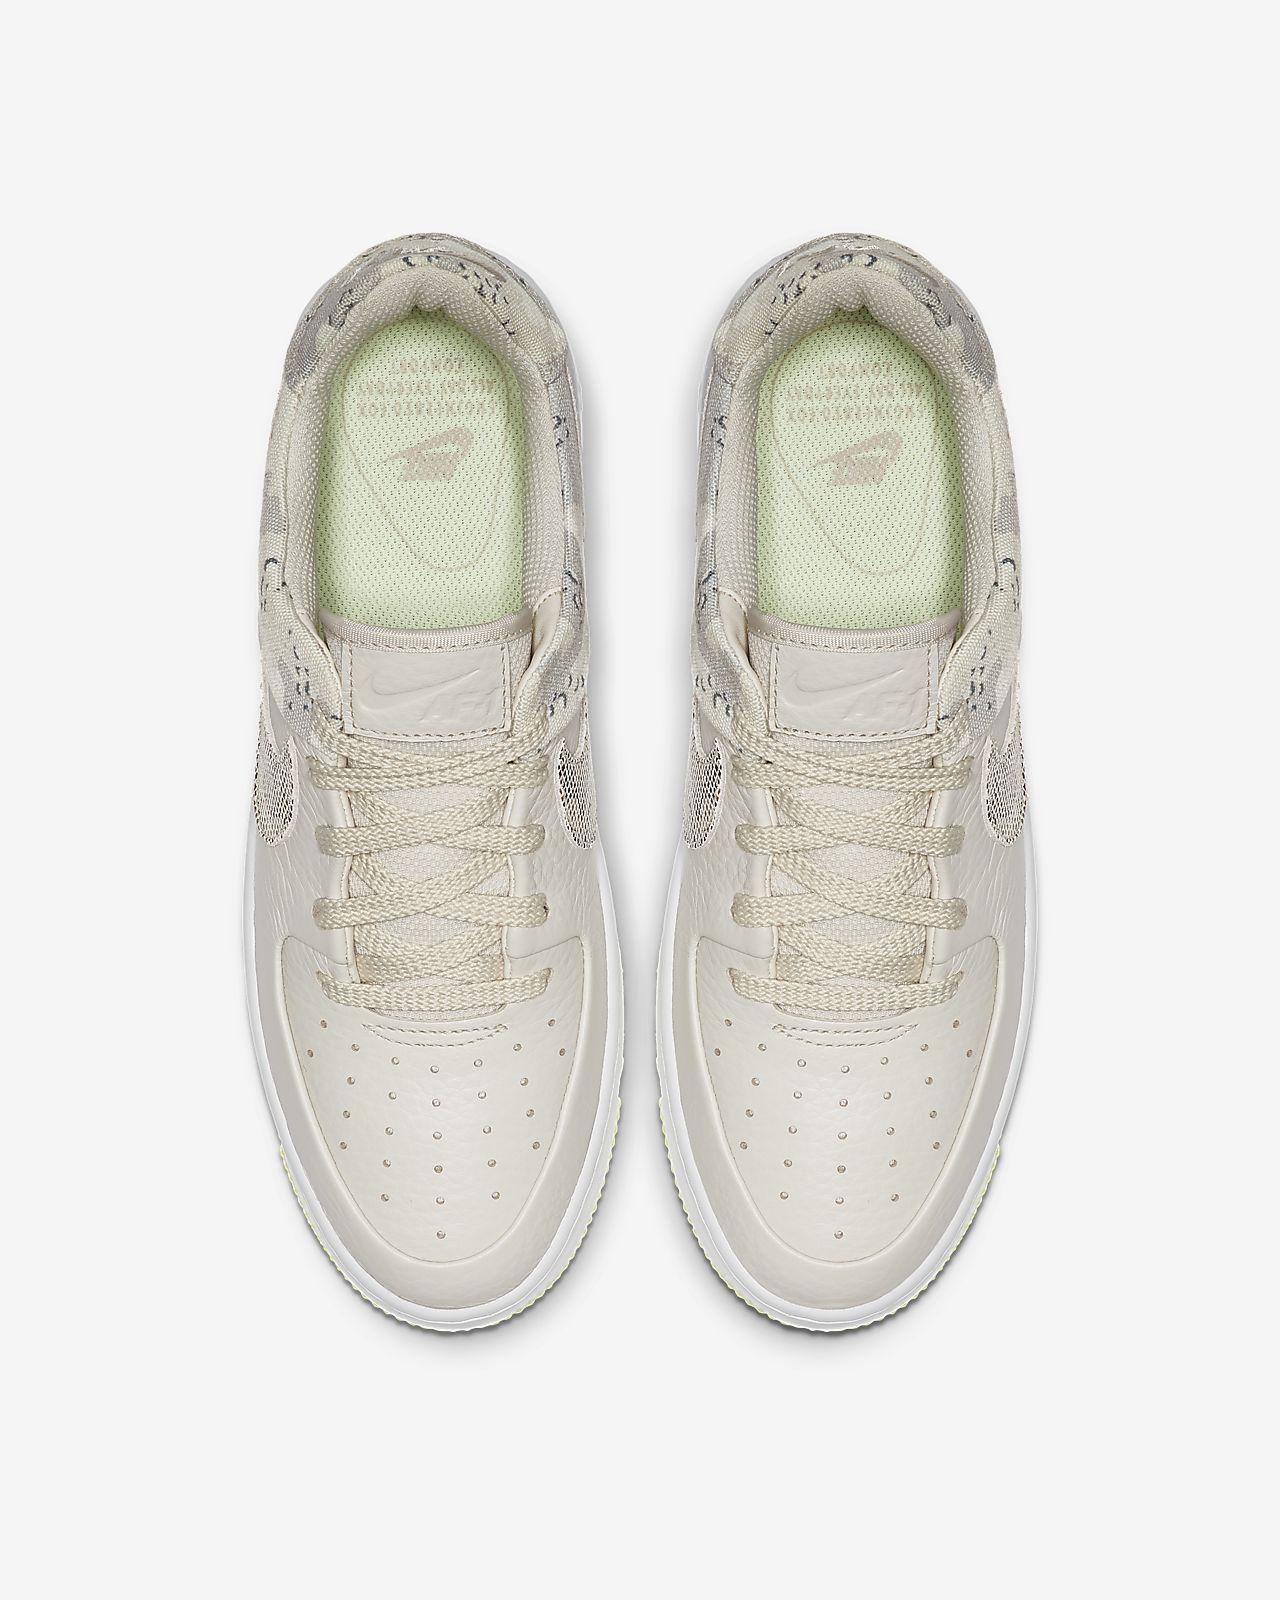 competitive price af366 e639e Nike Air Force 1 Sage Low Premium Camo-sko til kvinder. Nike.com DK